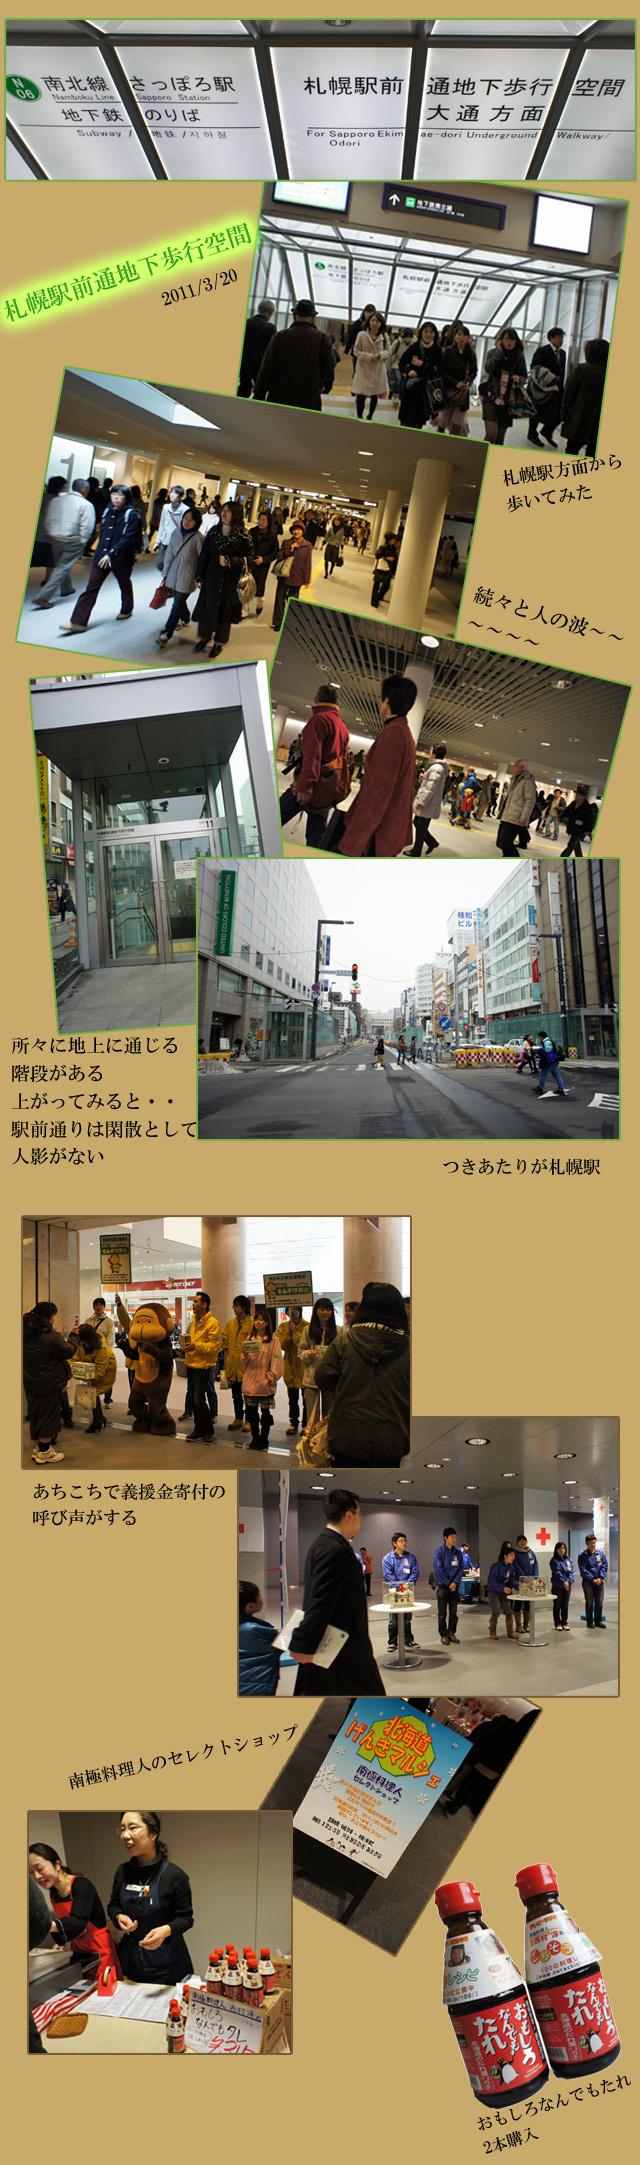 札幌駅前通地下歩行者空間_b0019313_17361266.jpg